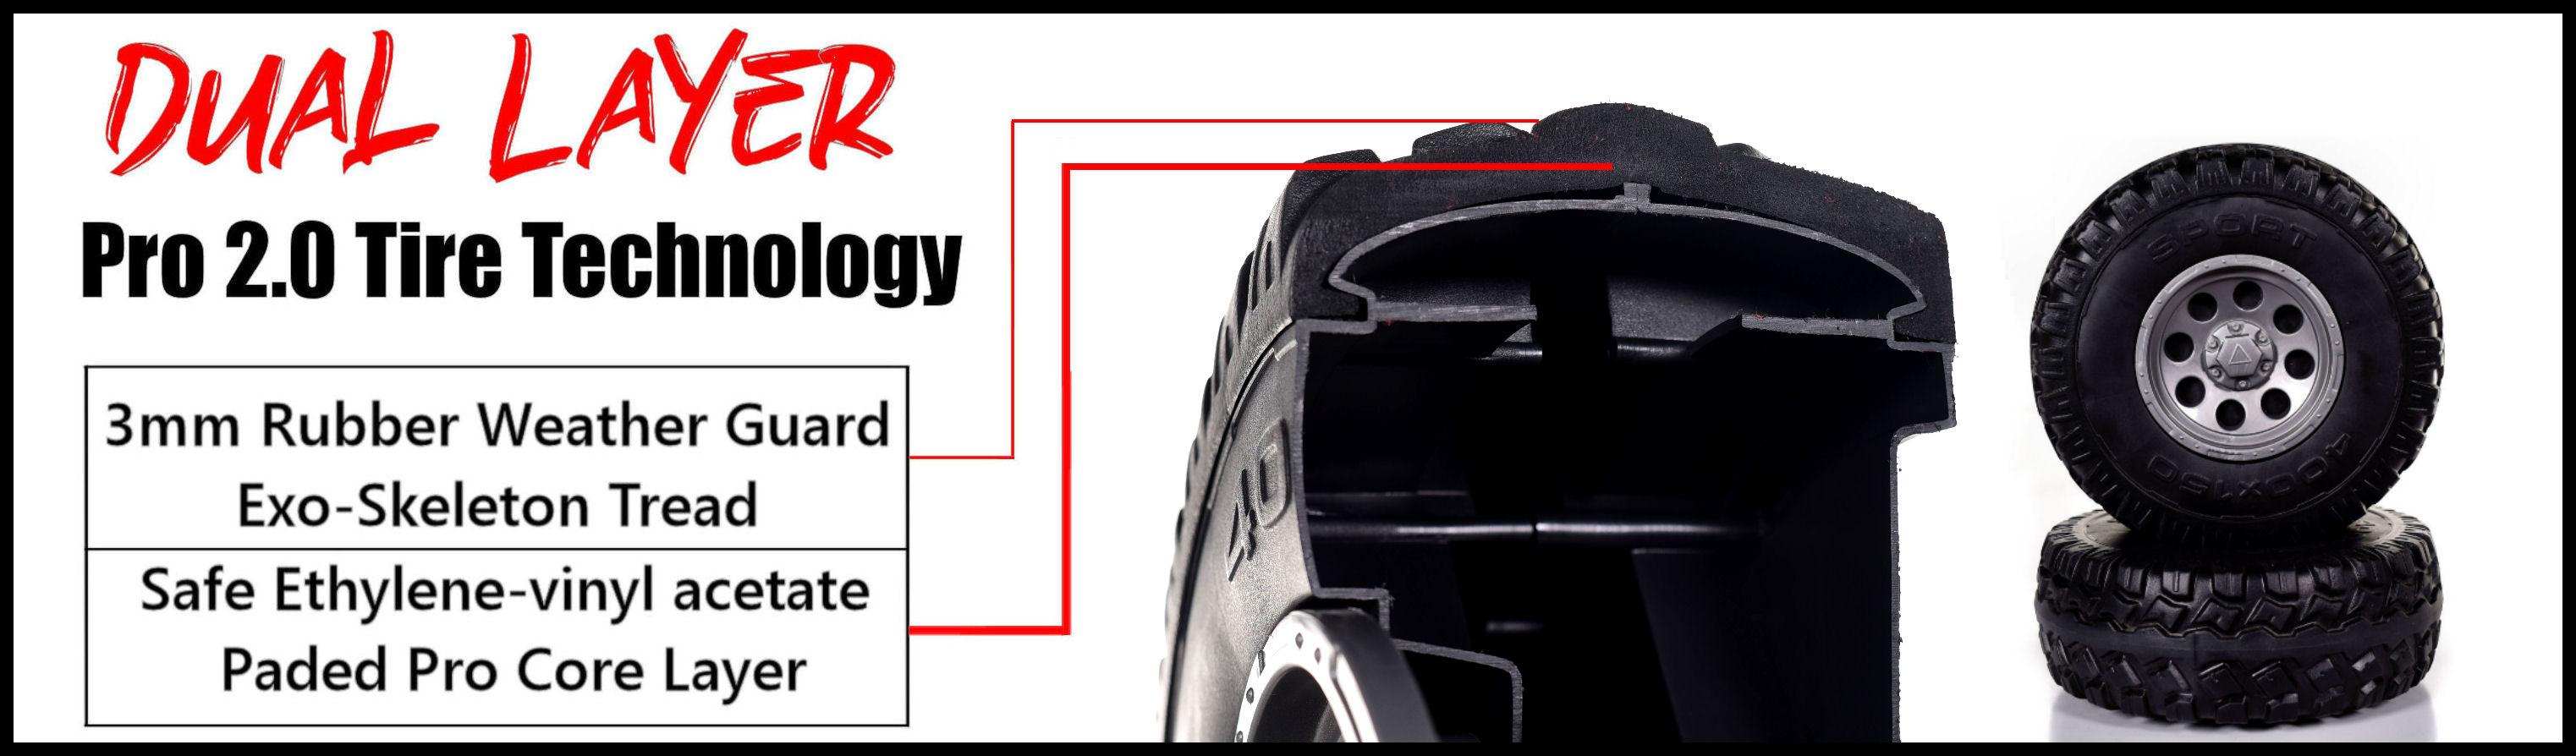 challenger-tires.jpg